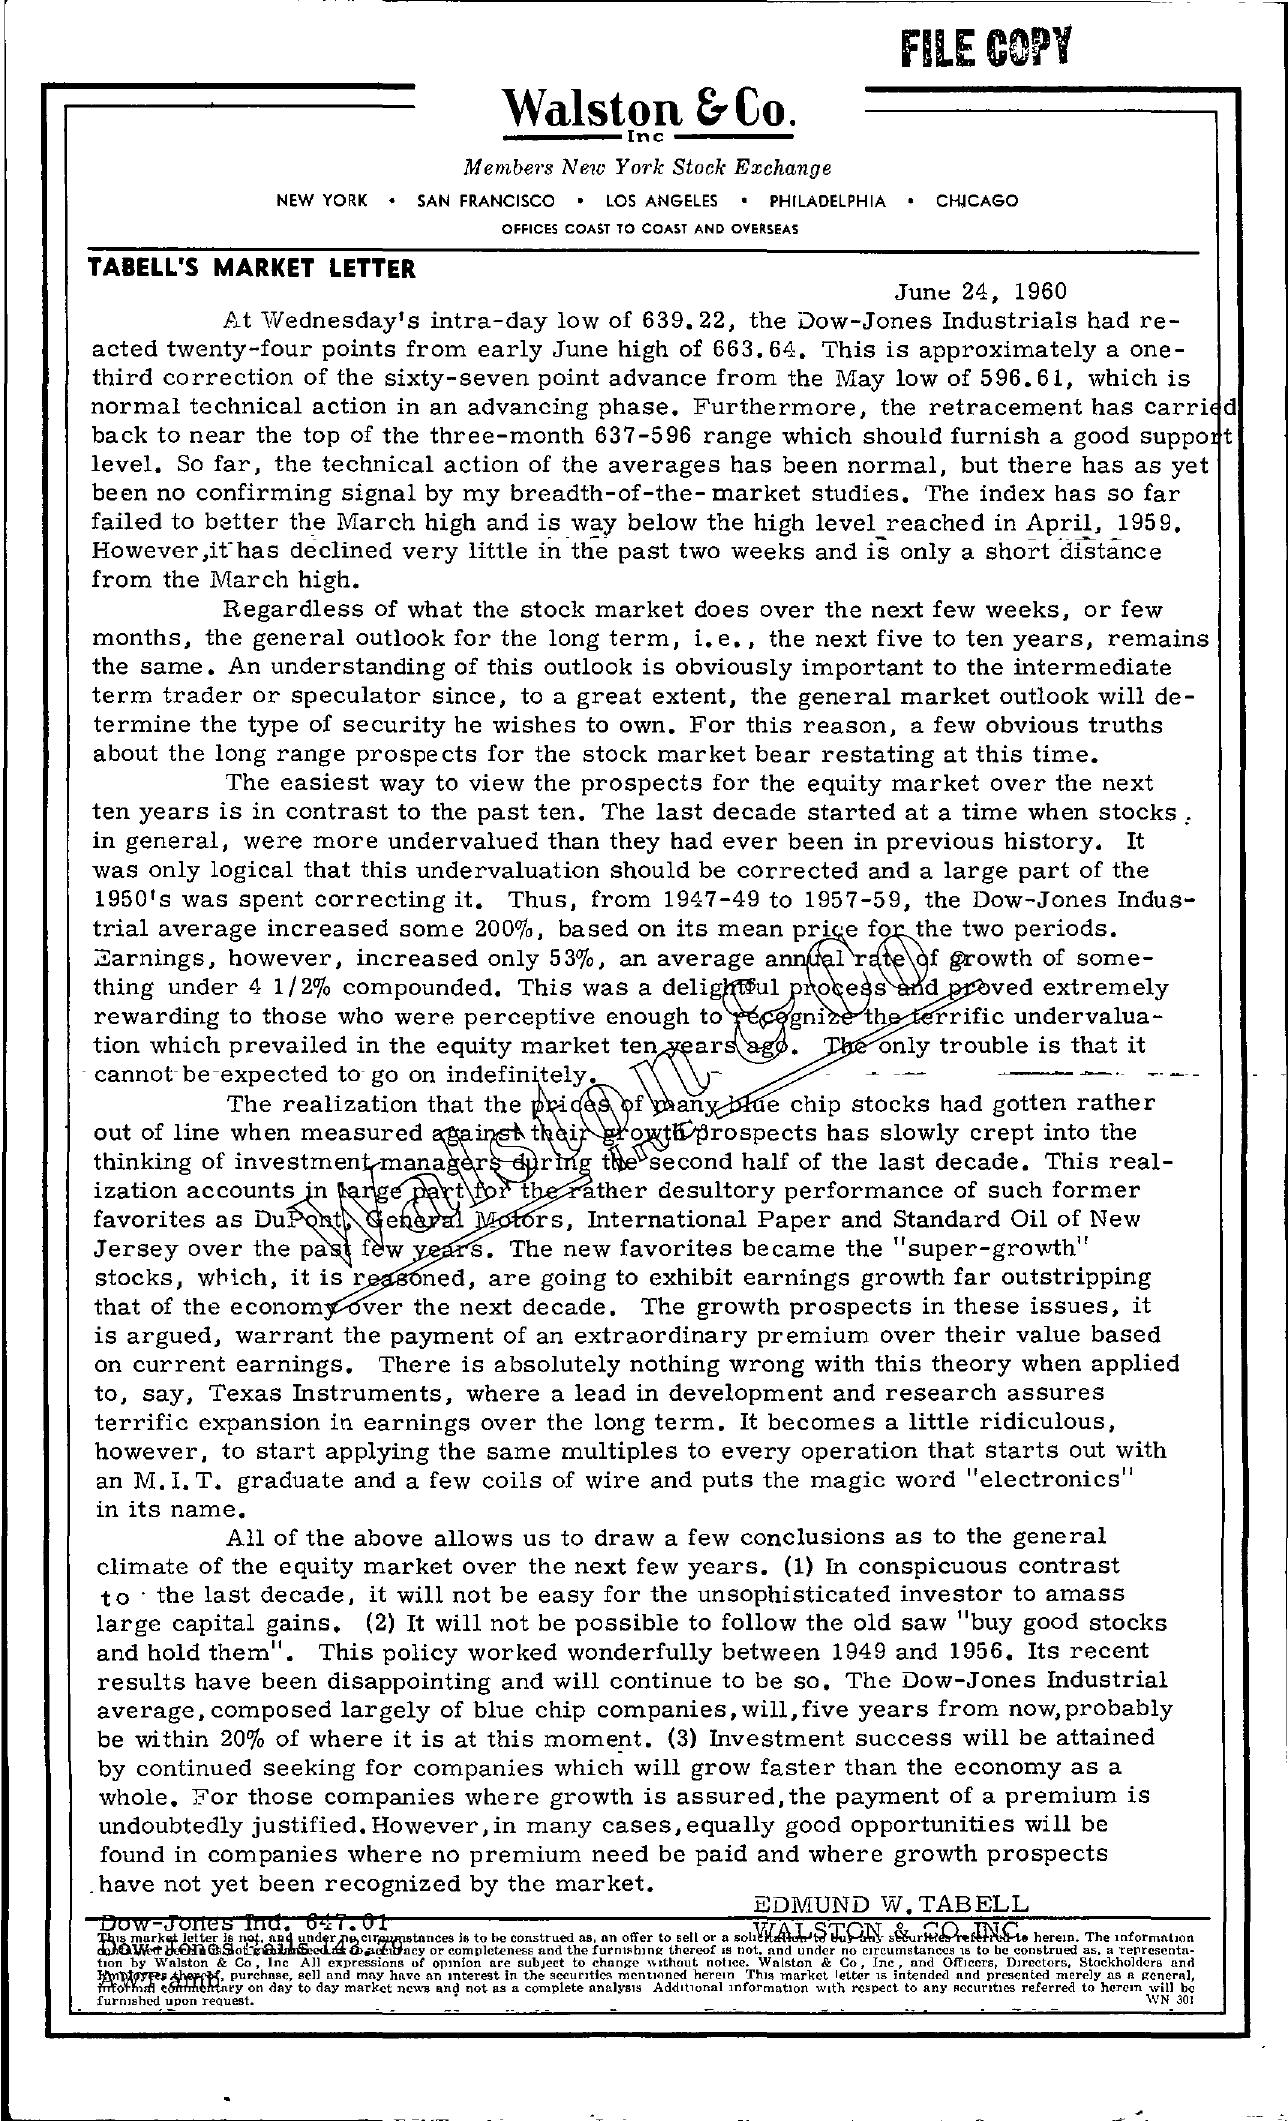 Tabell's Market Letter - June 24, 1960